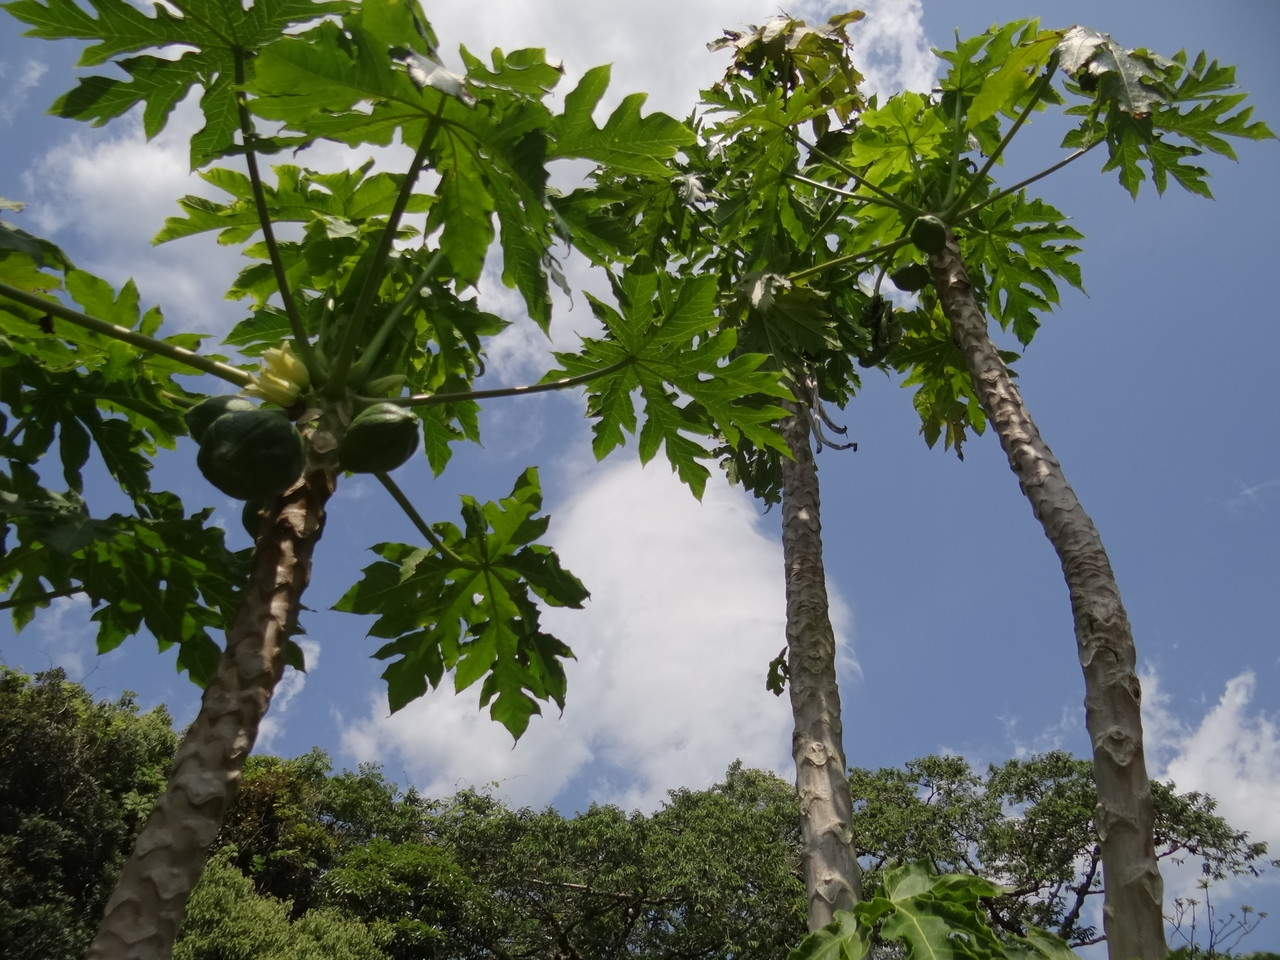 ハナマナガーデンのパパイア Papaya in  Hana Mana  garden